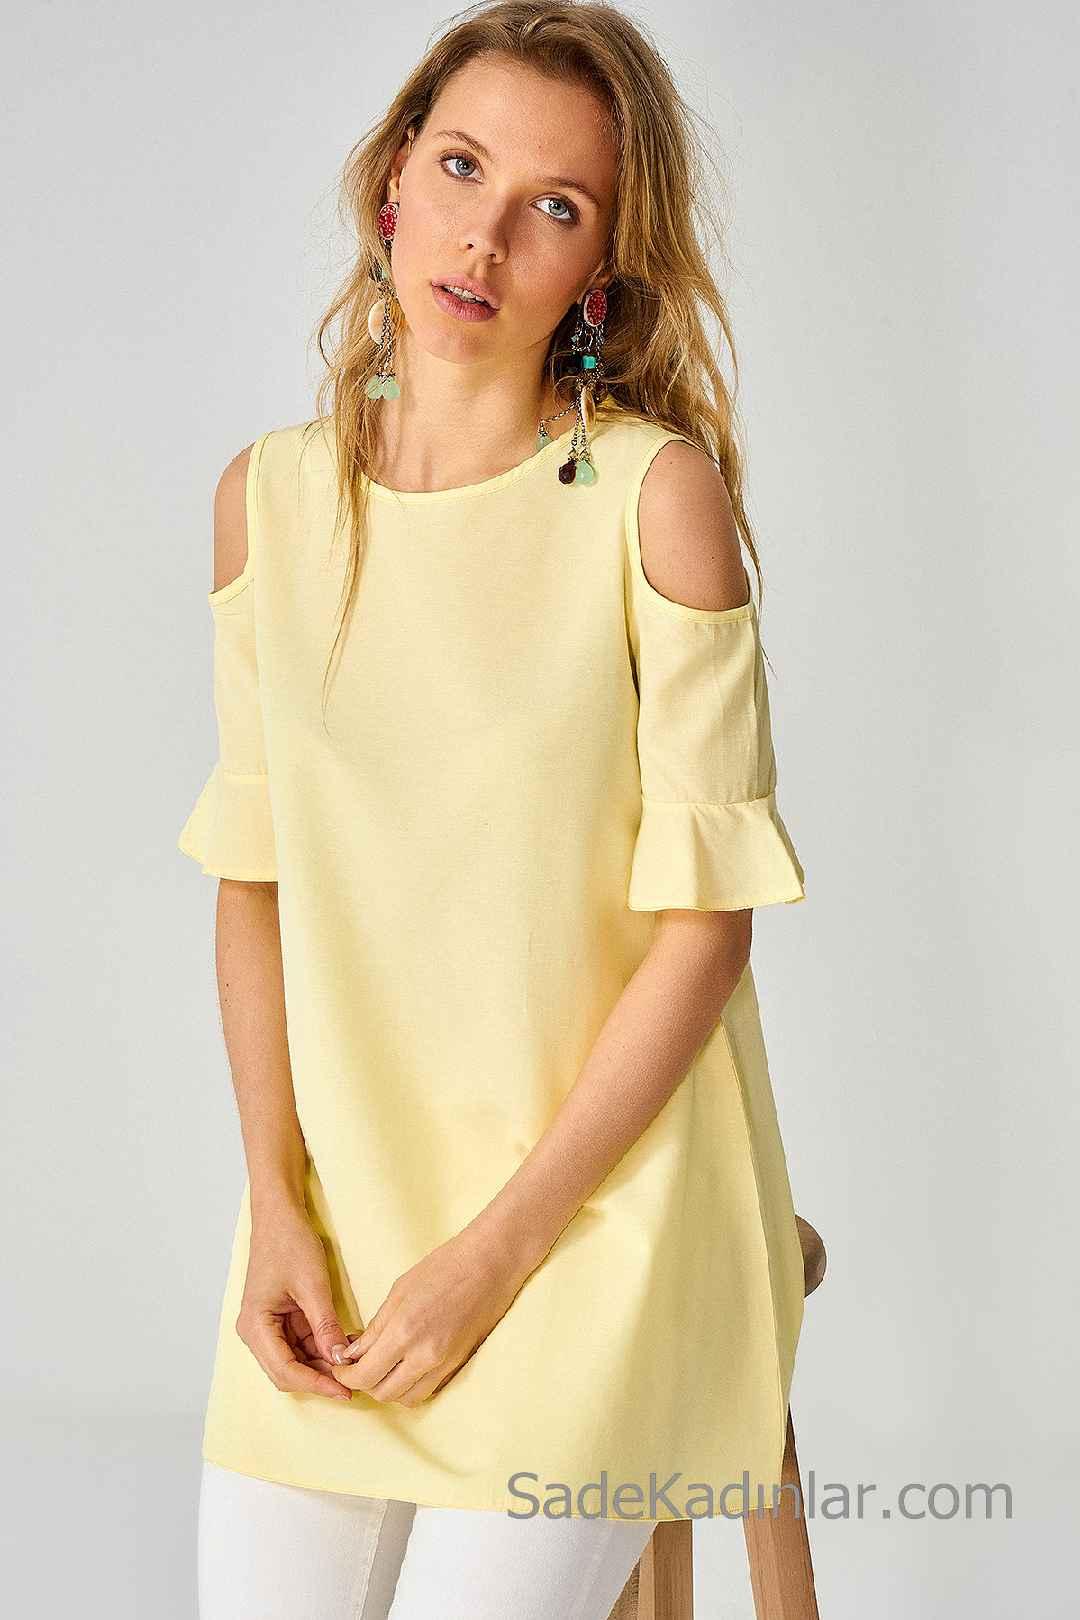 Tunik Gömlek Modelleri Sarı Omzu Açık Kısa Kollu Sade